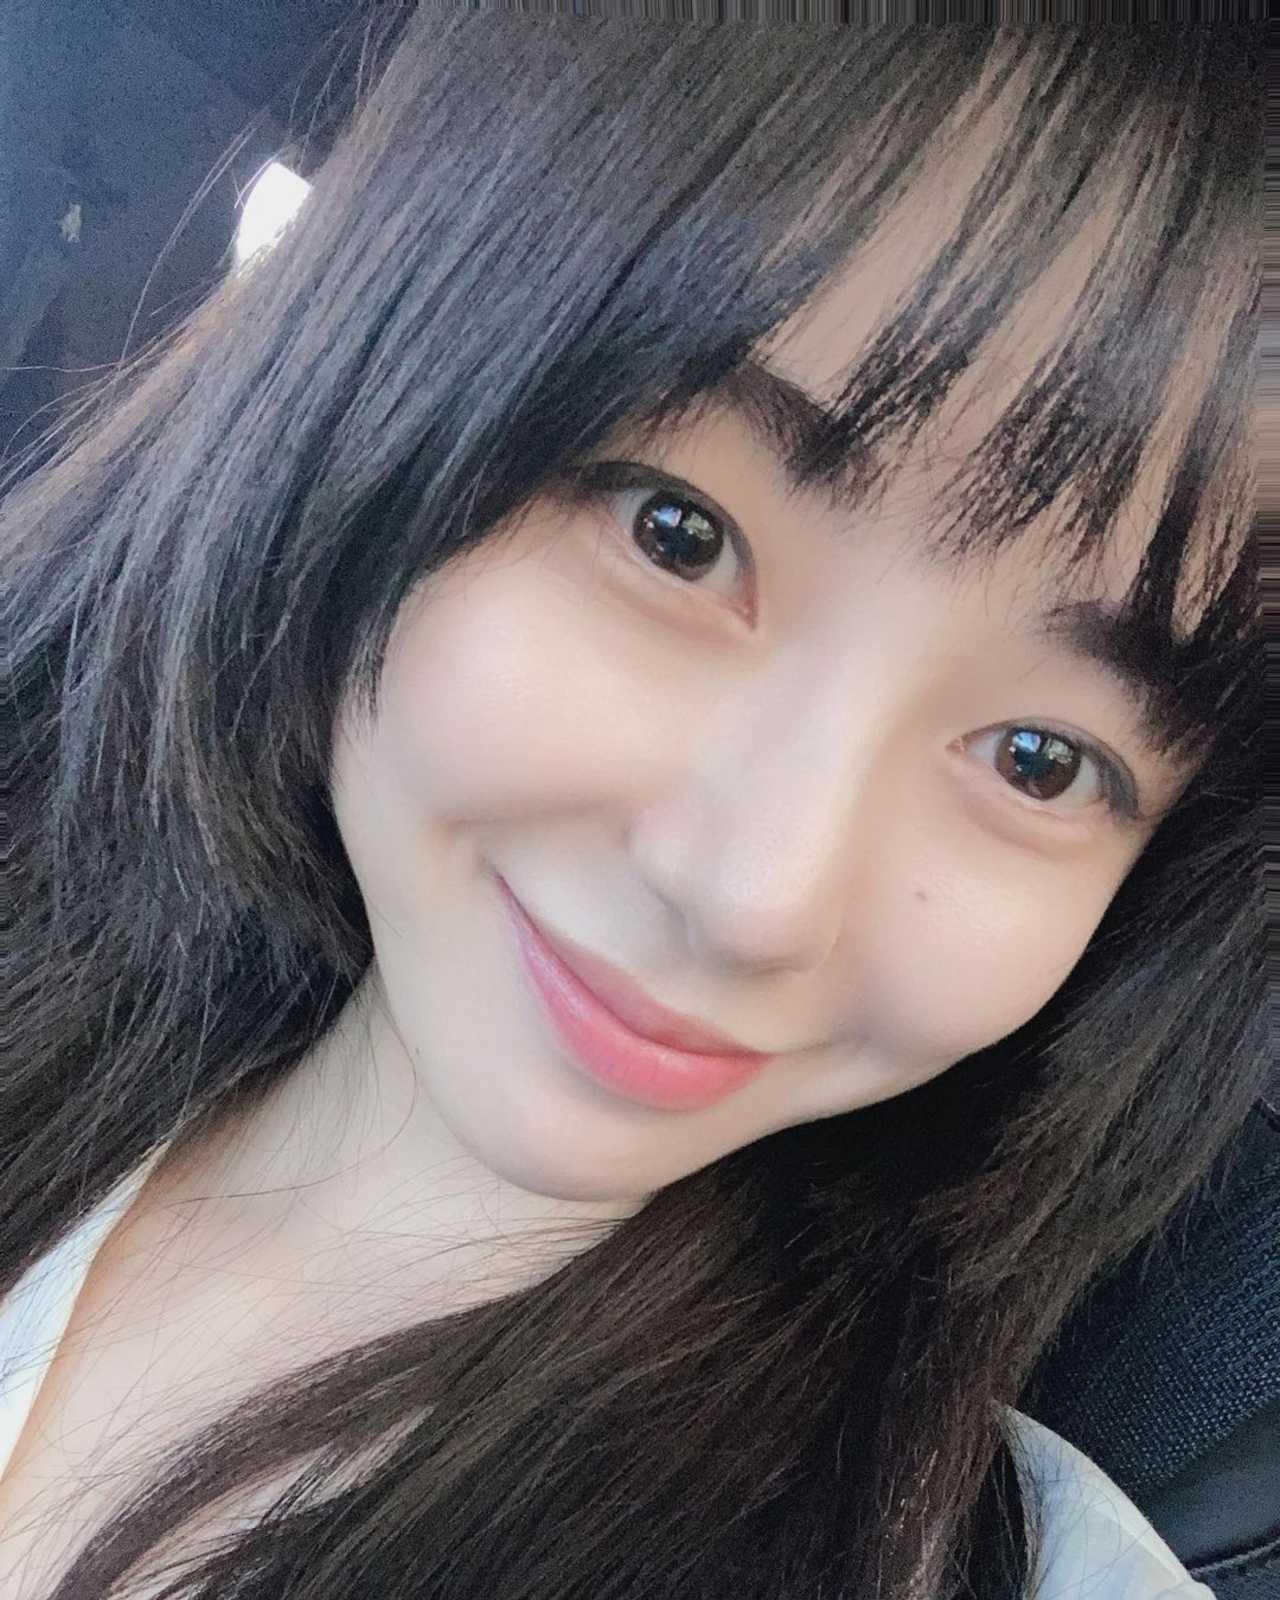 Mina de AOA responde a las acusaciones sobre bajarle el novio a otra persona